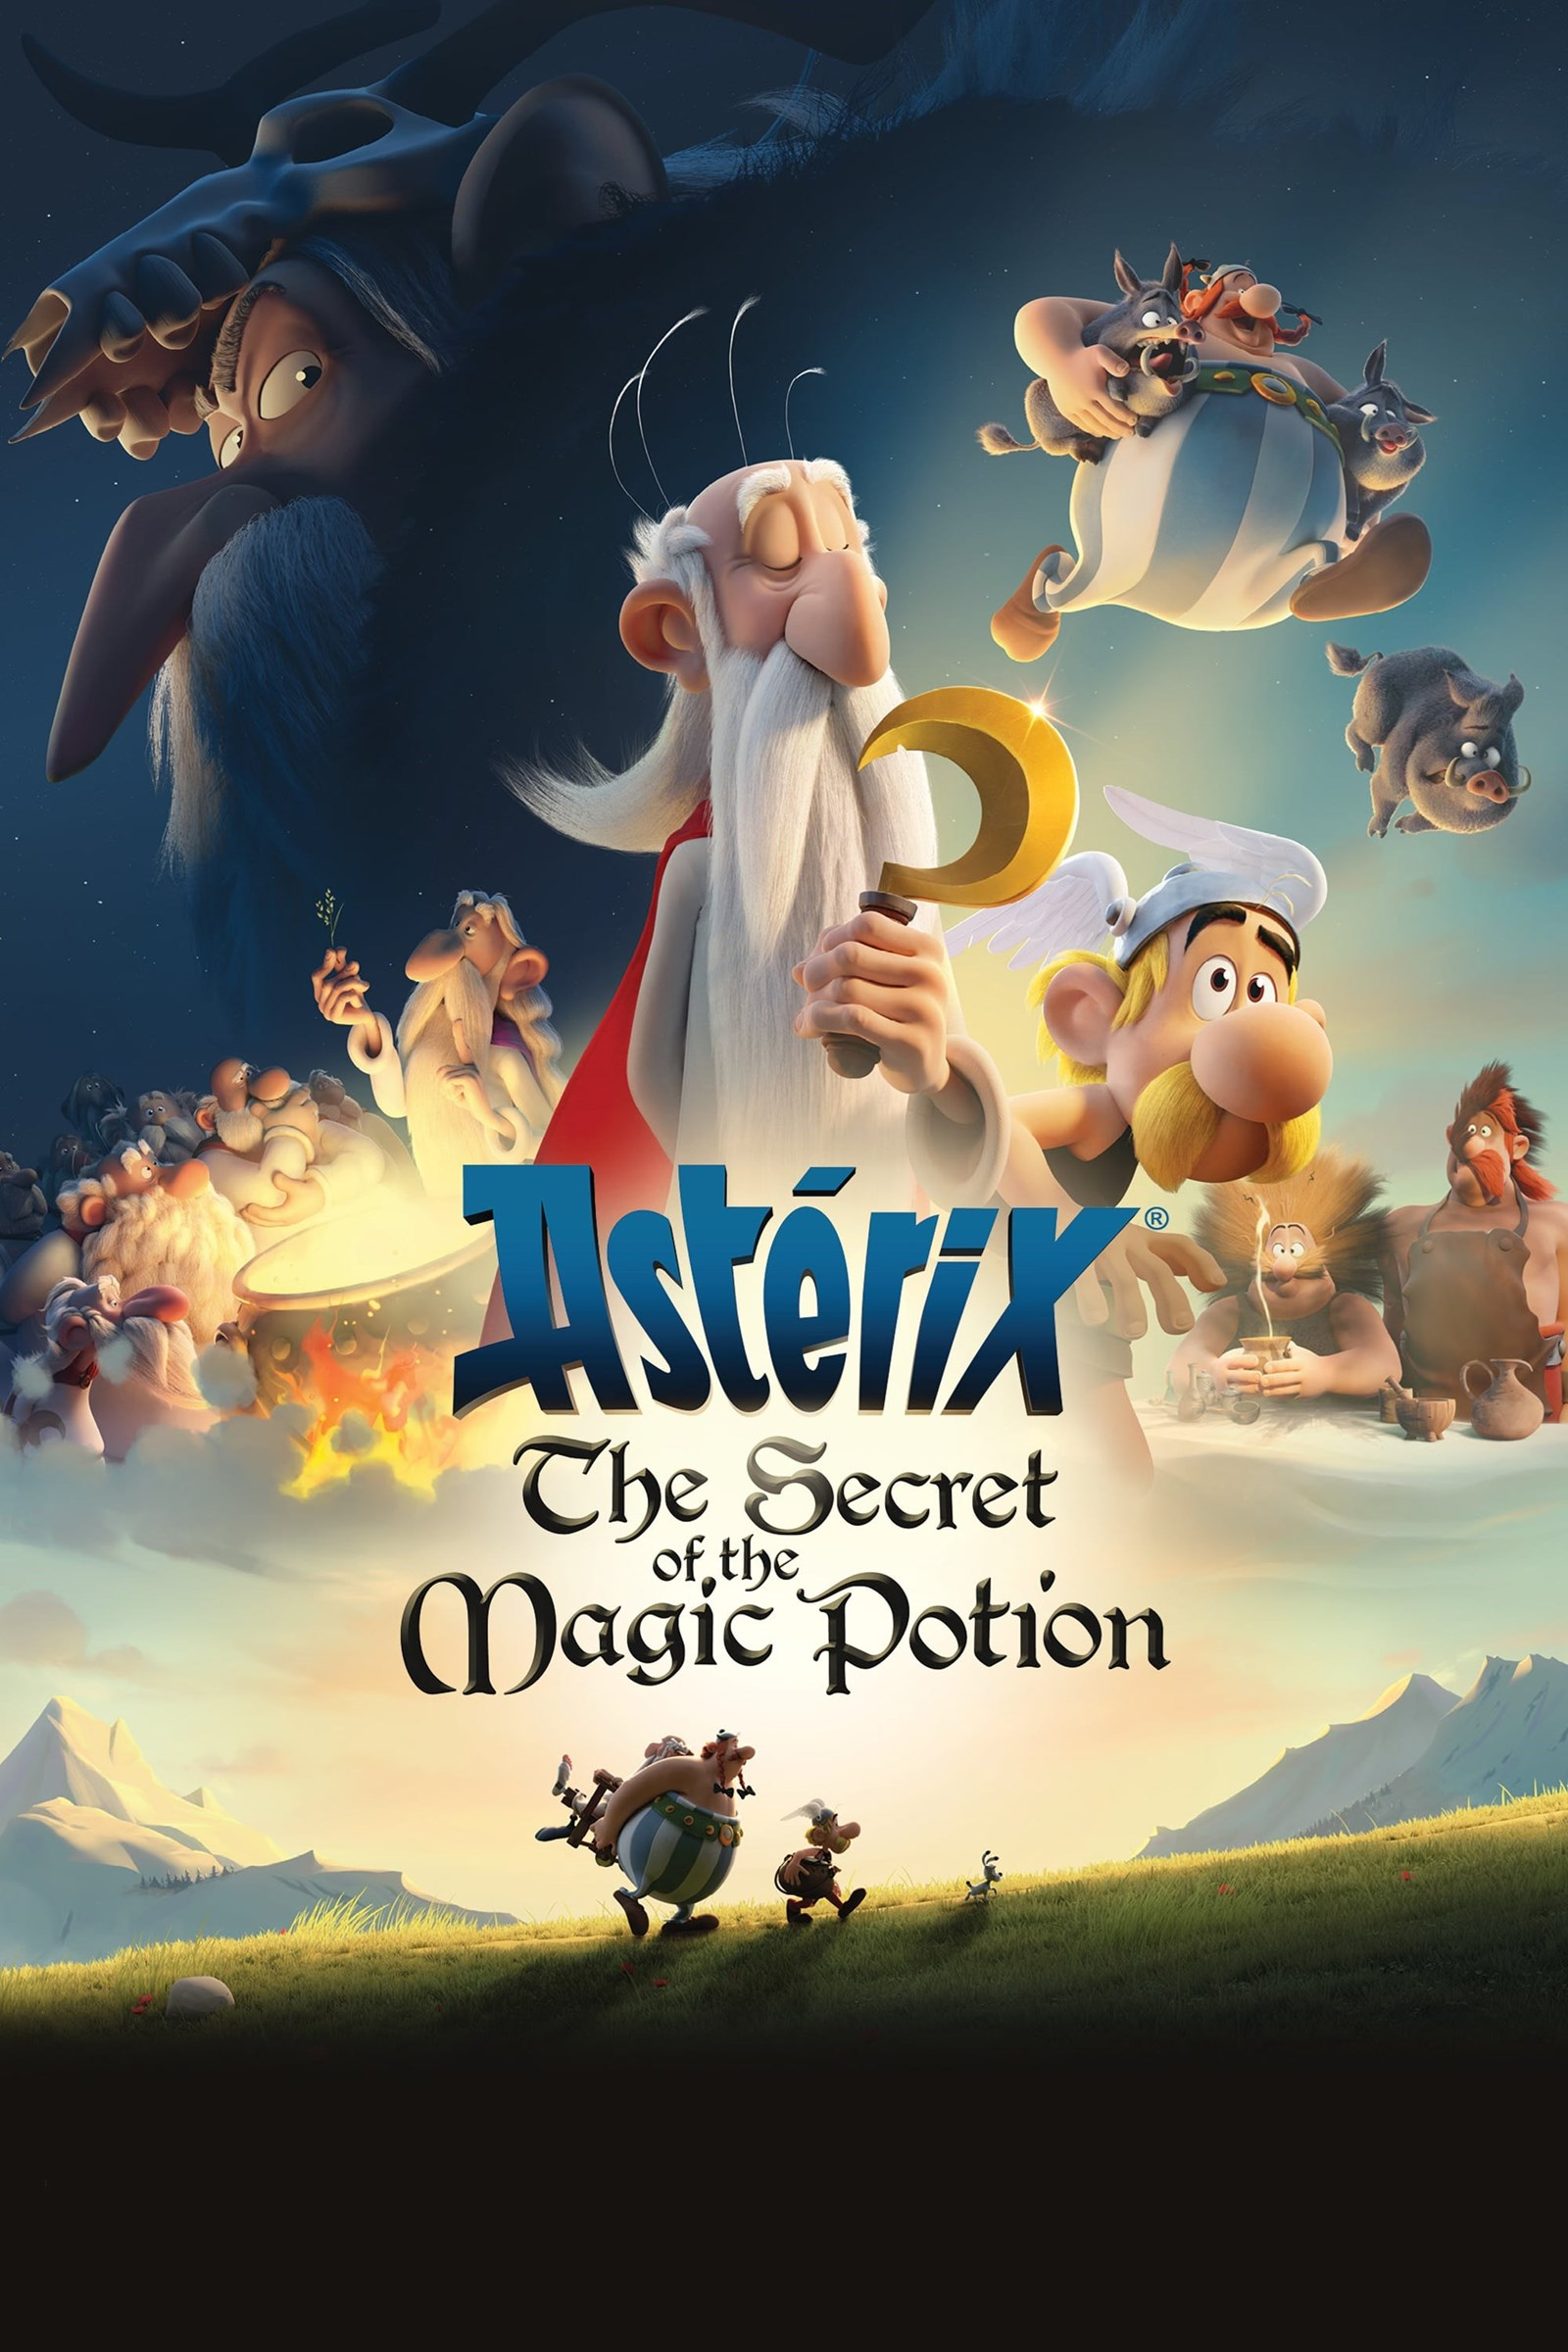 دانلود انیمیشن Asterix The Secret of the Magic Potion دوبله فارسی